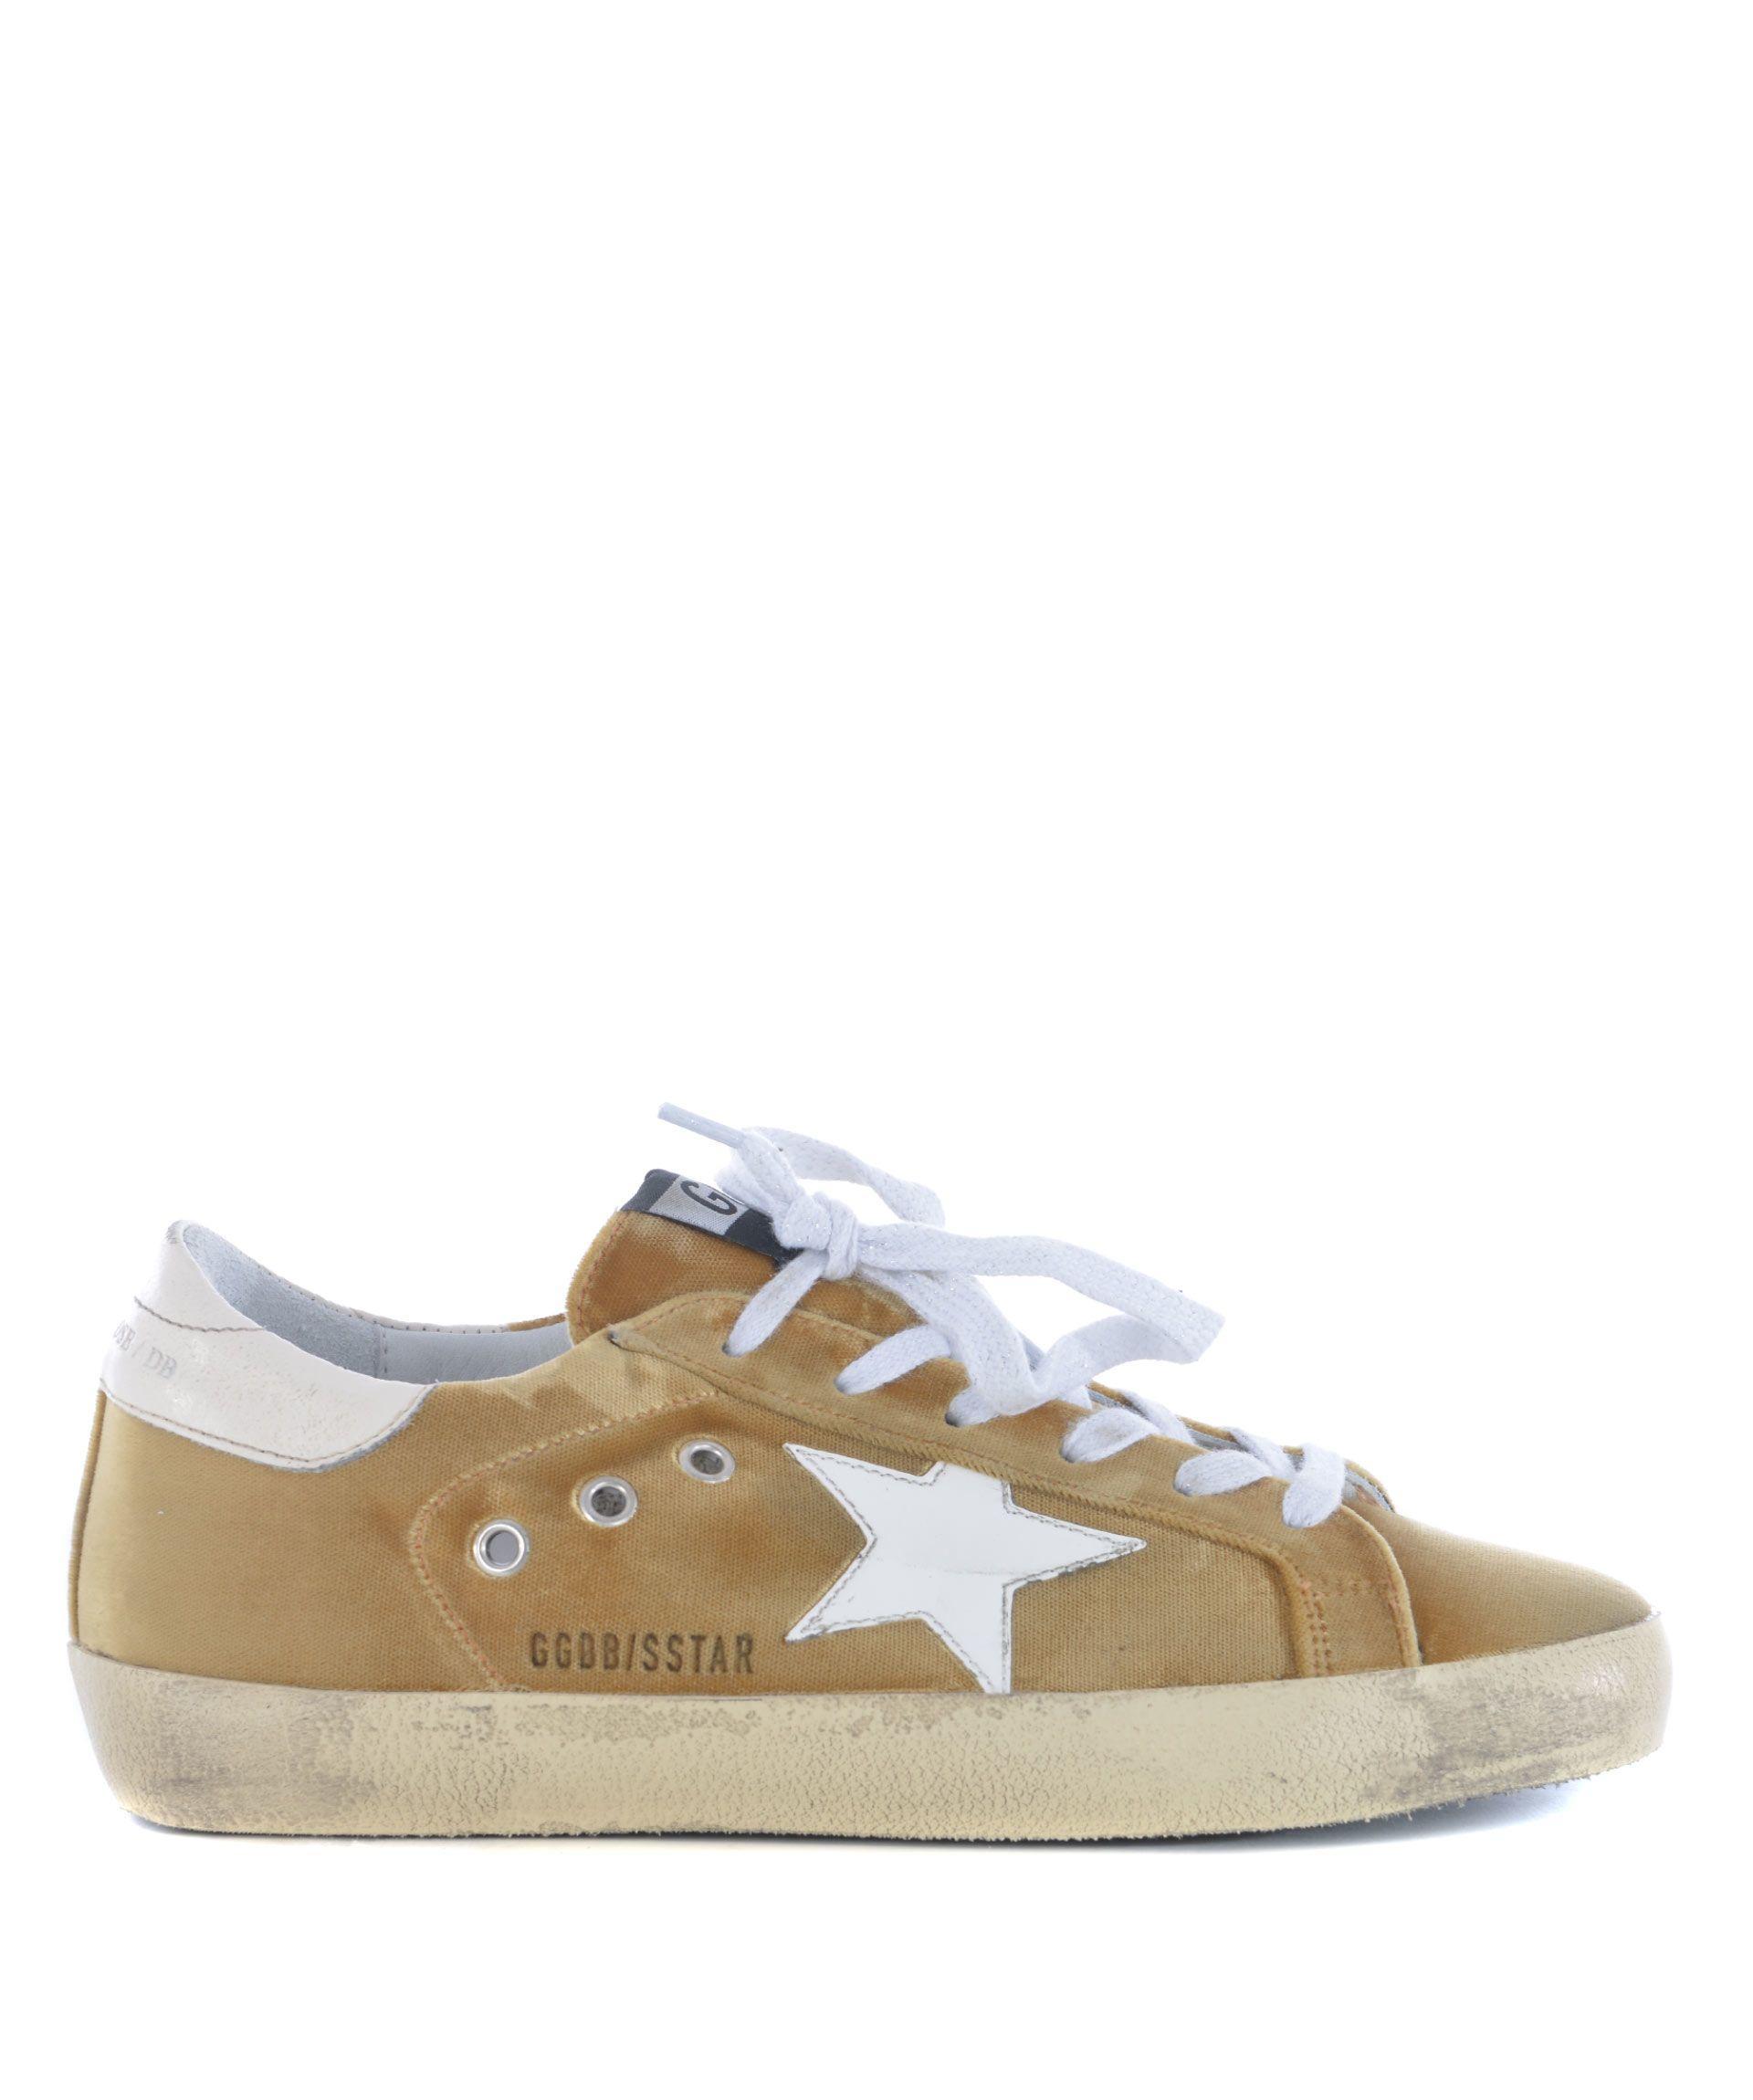 Golden Goose Superstar Sneakers In Beige-oro